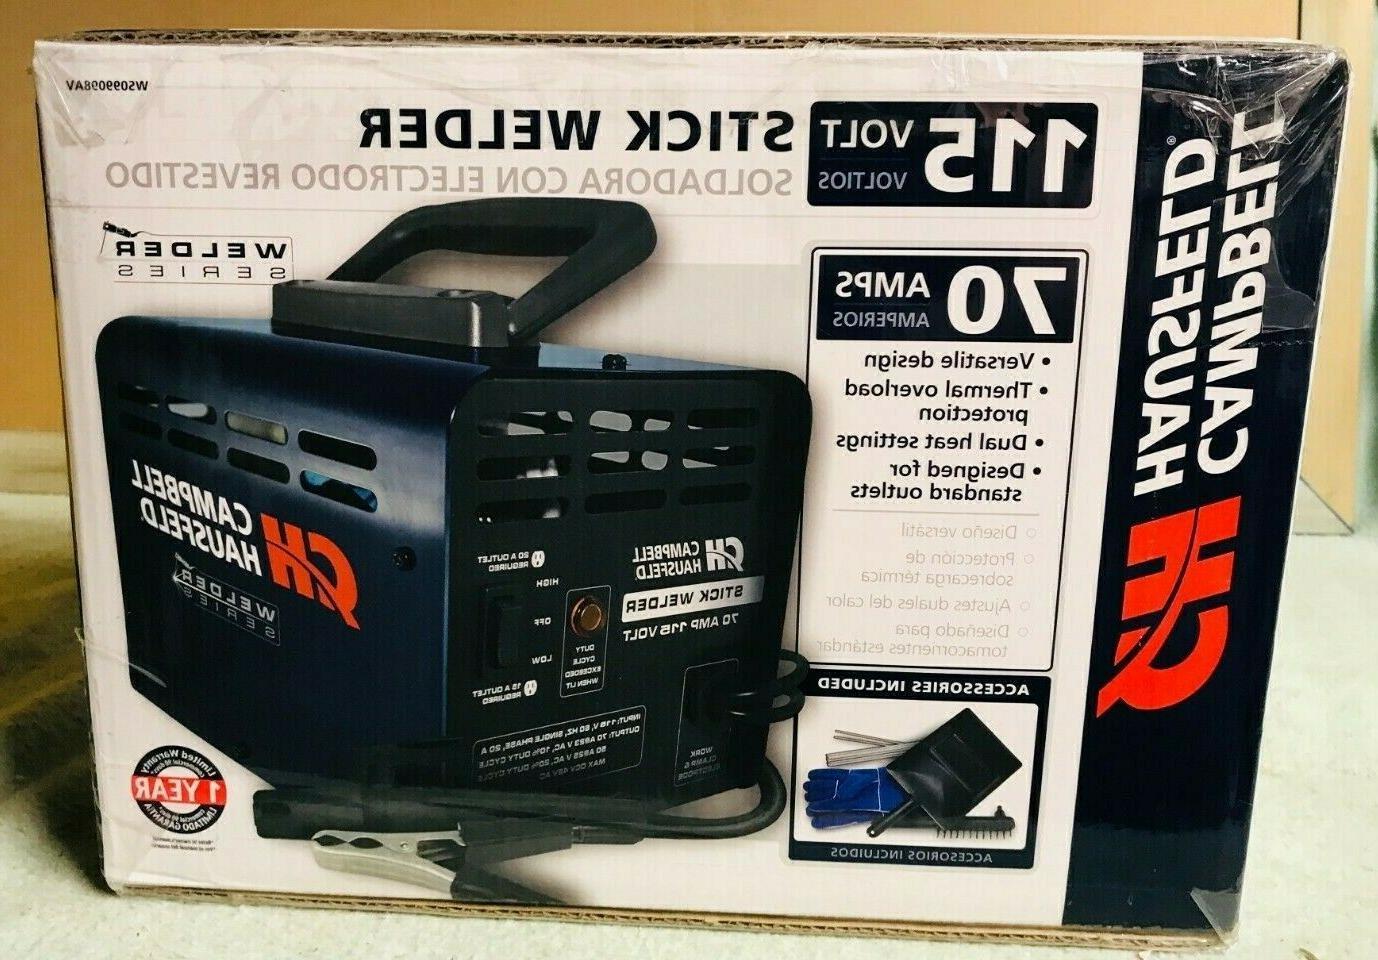 new ws09908av 115v 70 amp stick welder